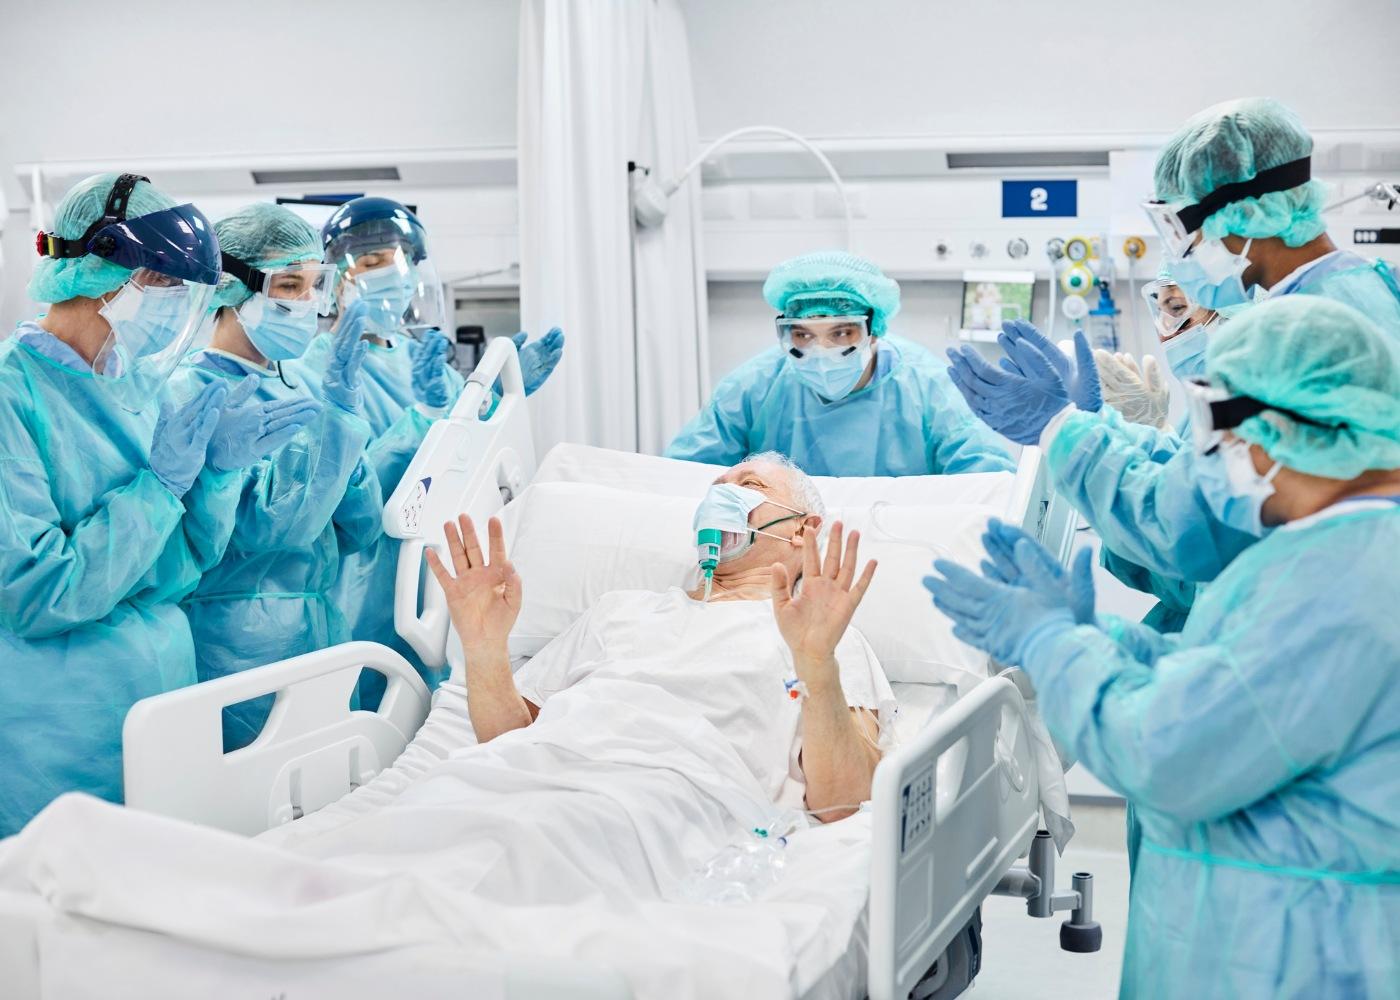 Profissionais de saúde aplaudem doente